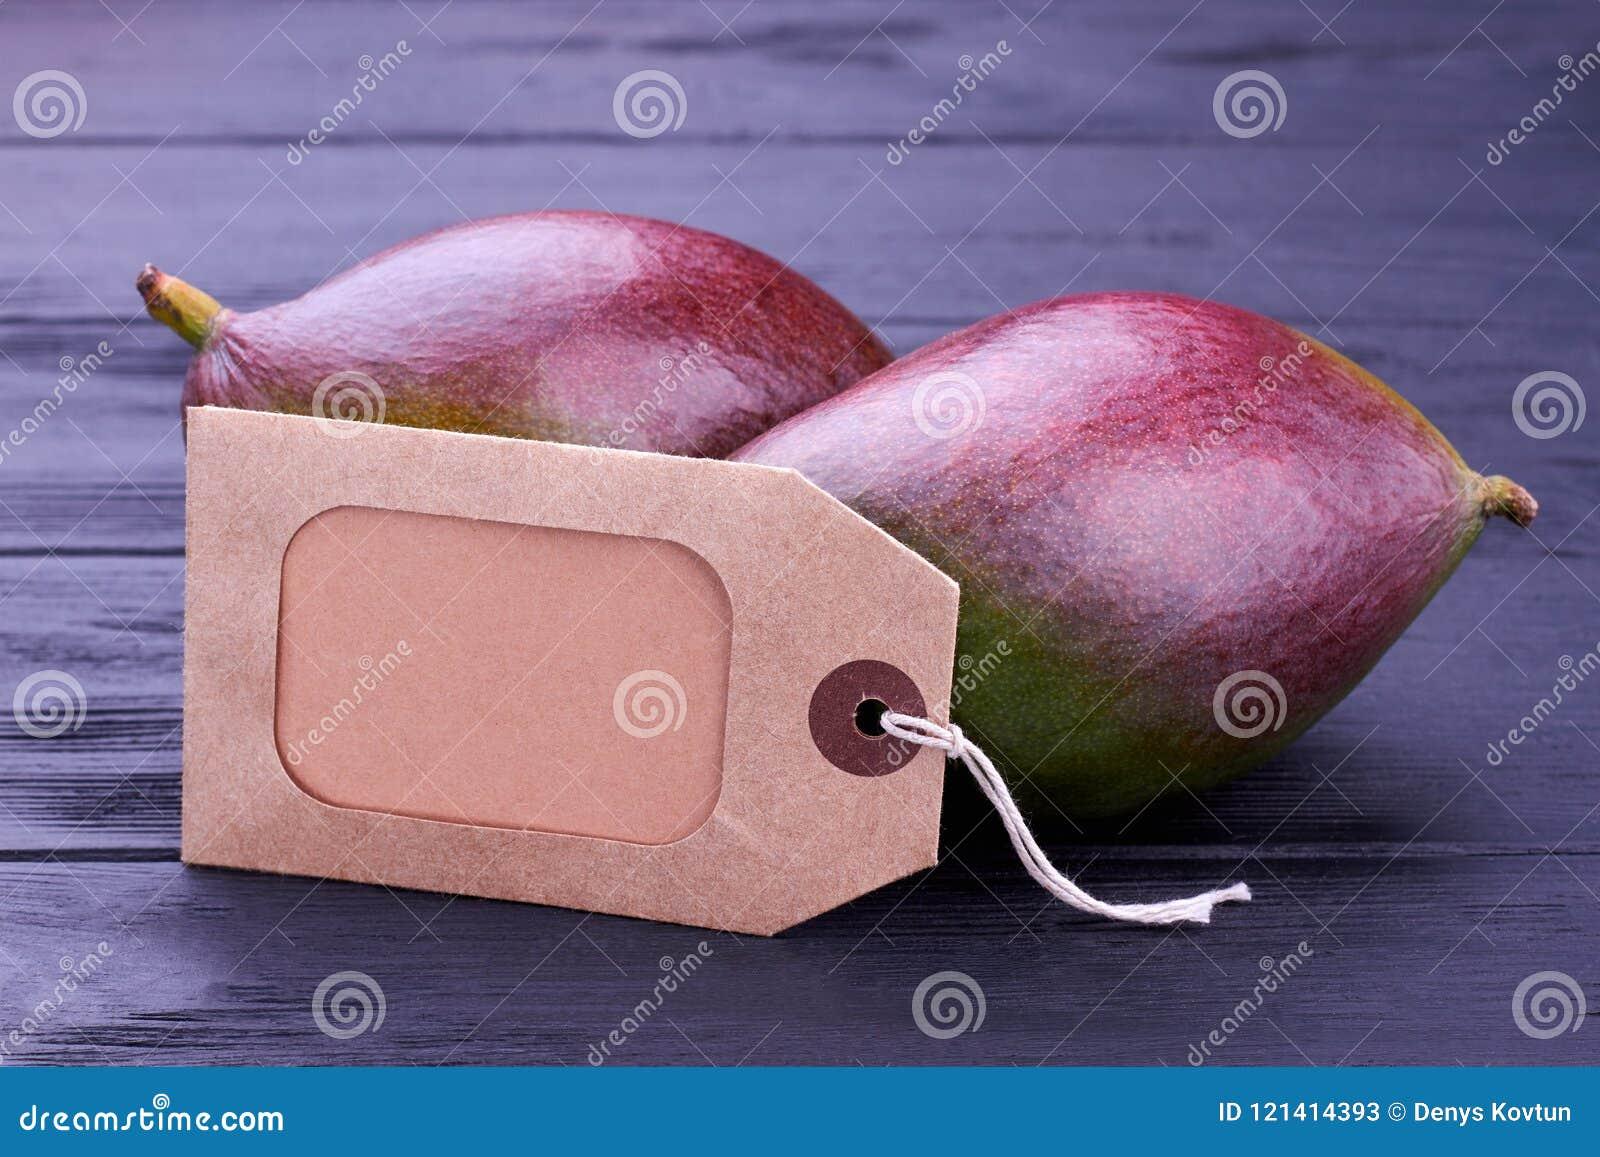 Ny mango- och mellanrumspappprislapp